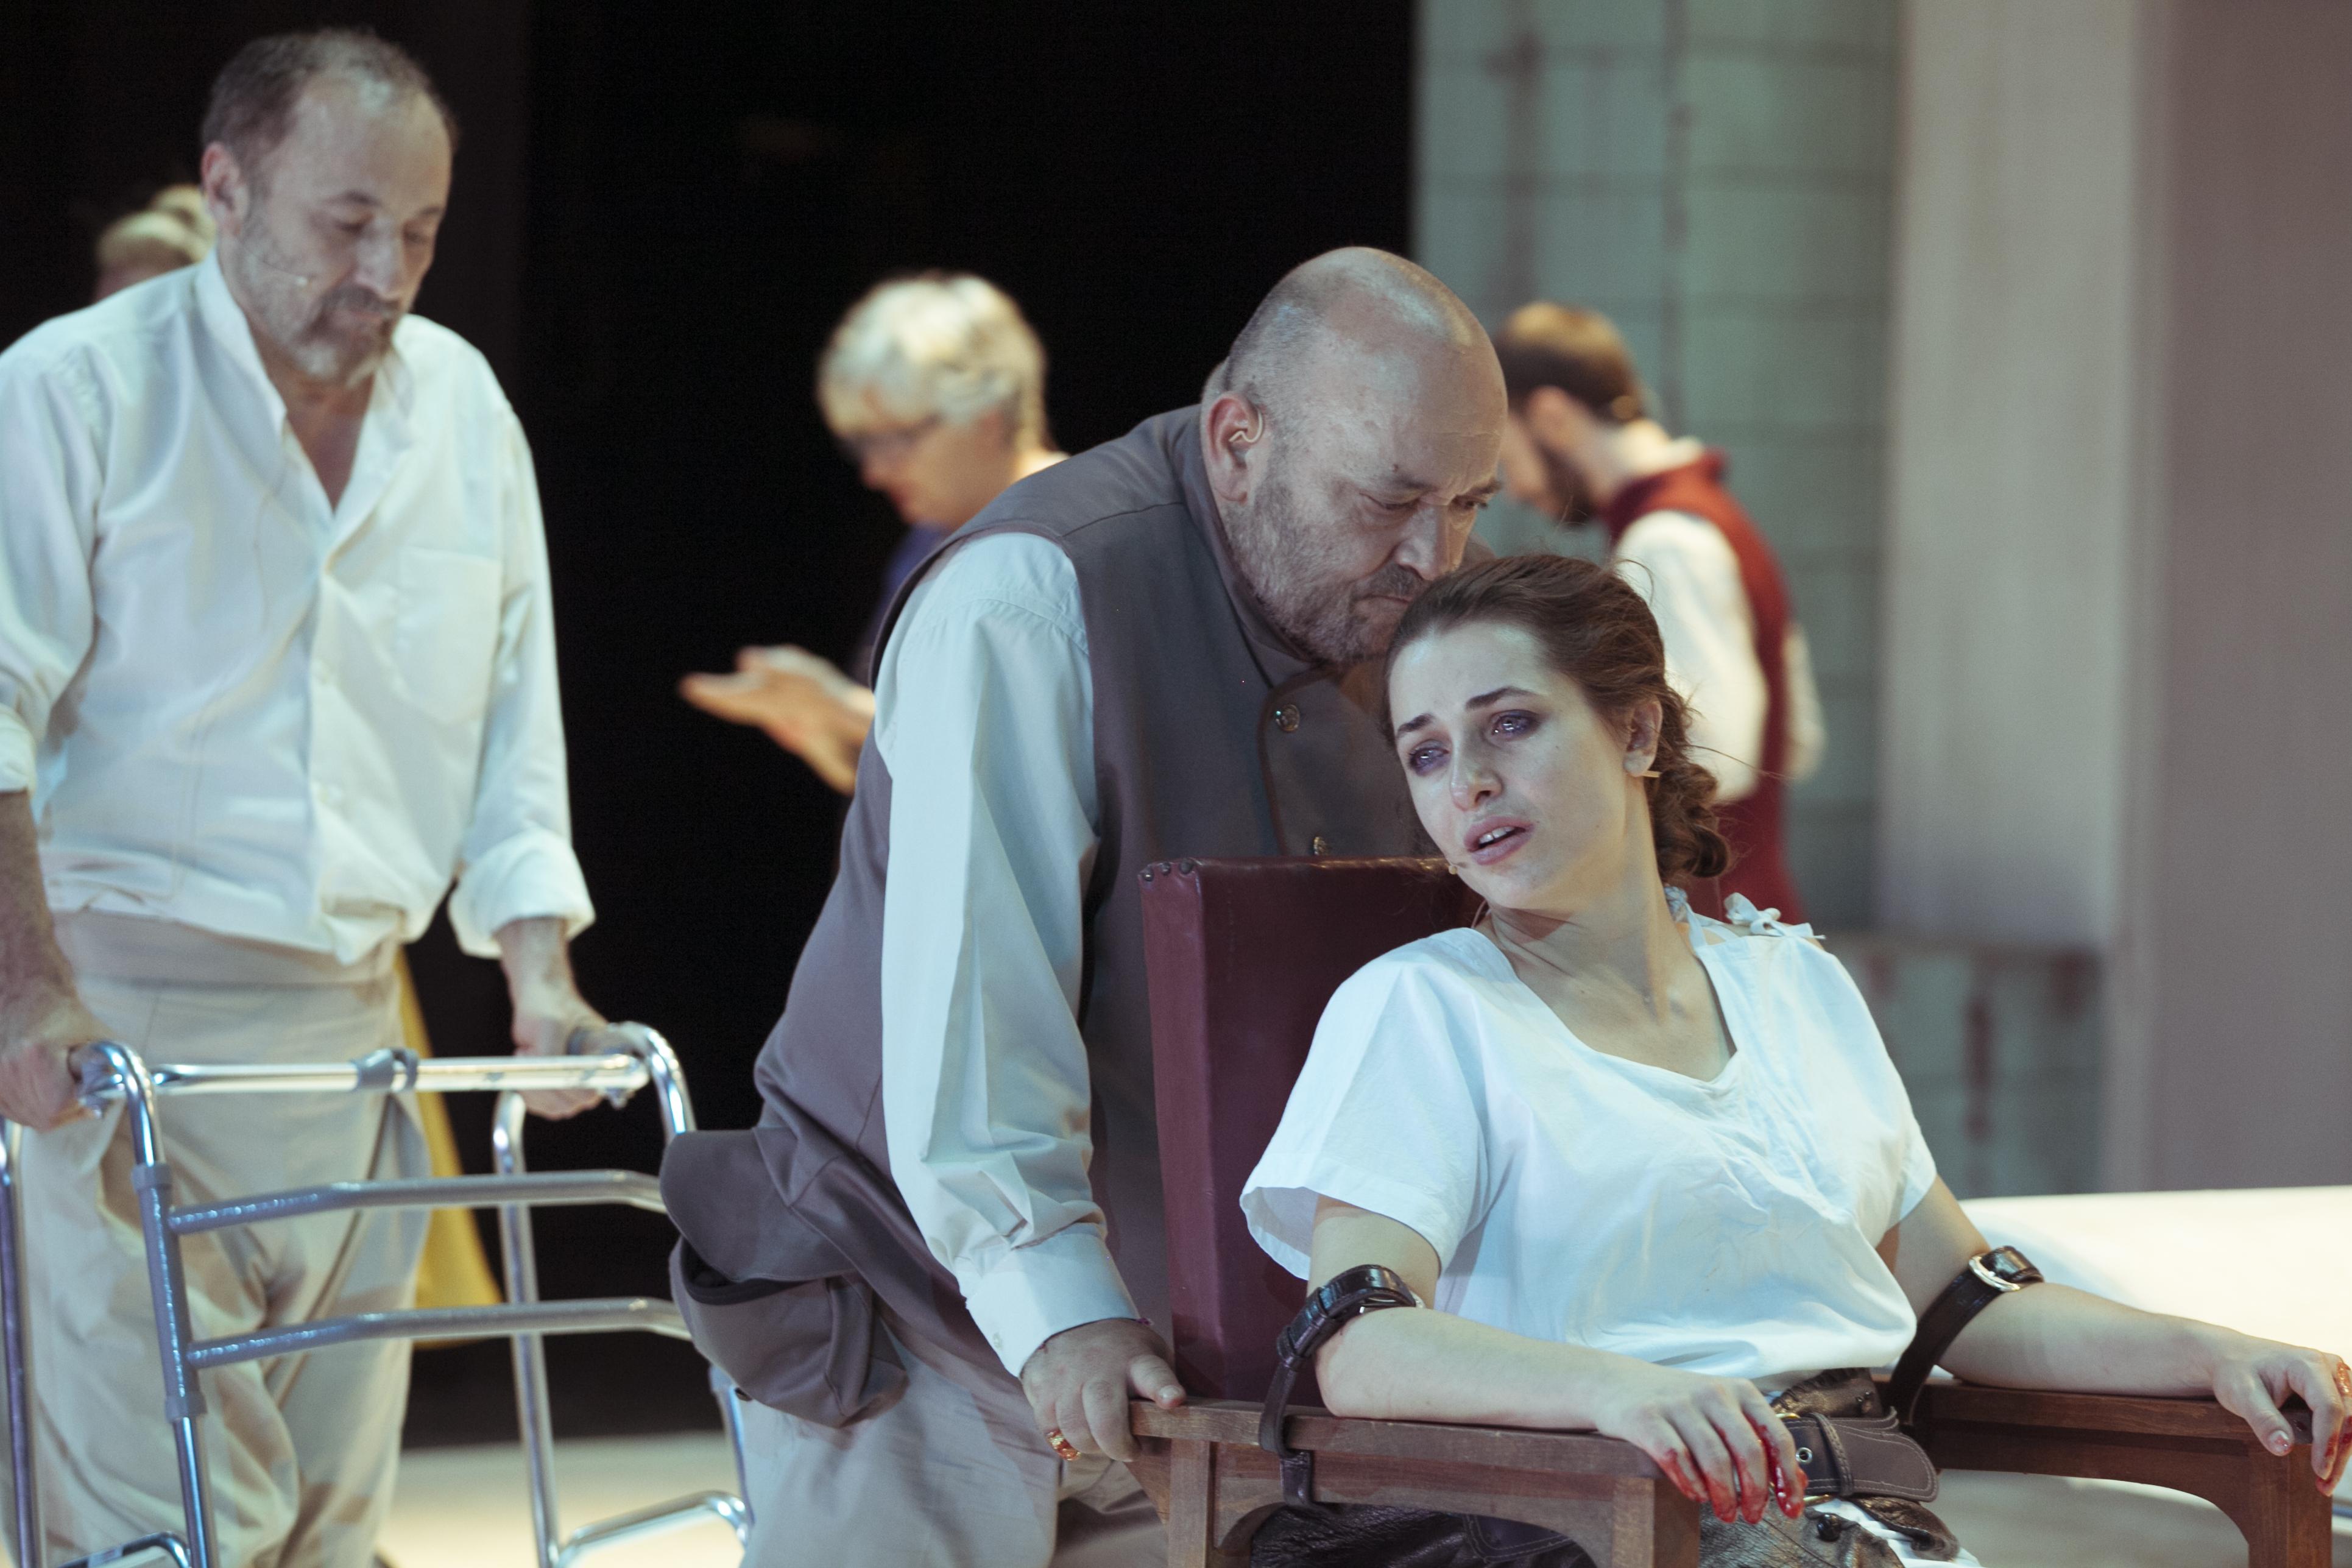 Φεστιβάλ Αθηνών: «Αντιγόνη» του Ζακ Ανούιγ, σε σκηνοθεσία Ελένης Ευθυμίου © Αθηνά Λιάσκου